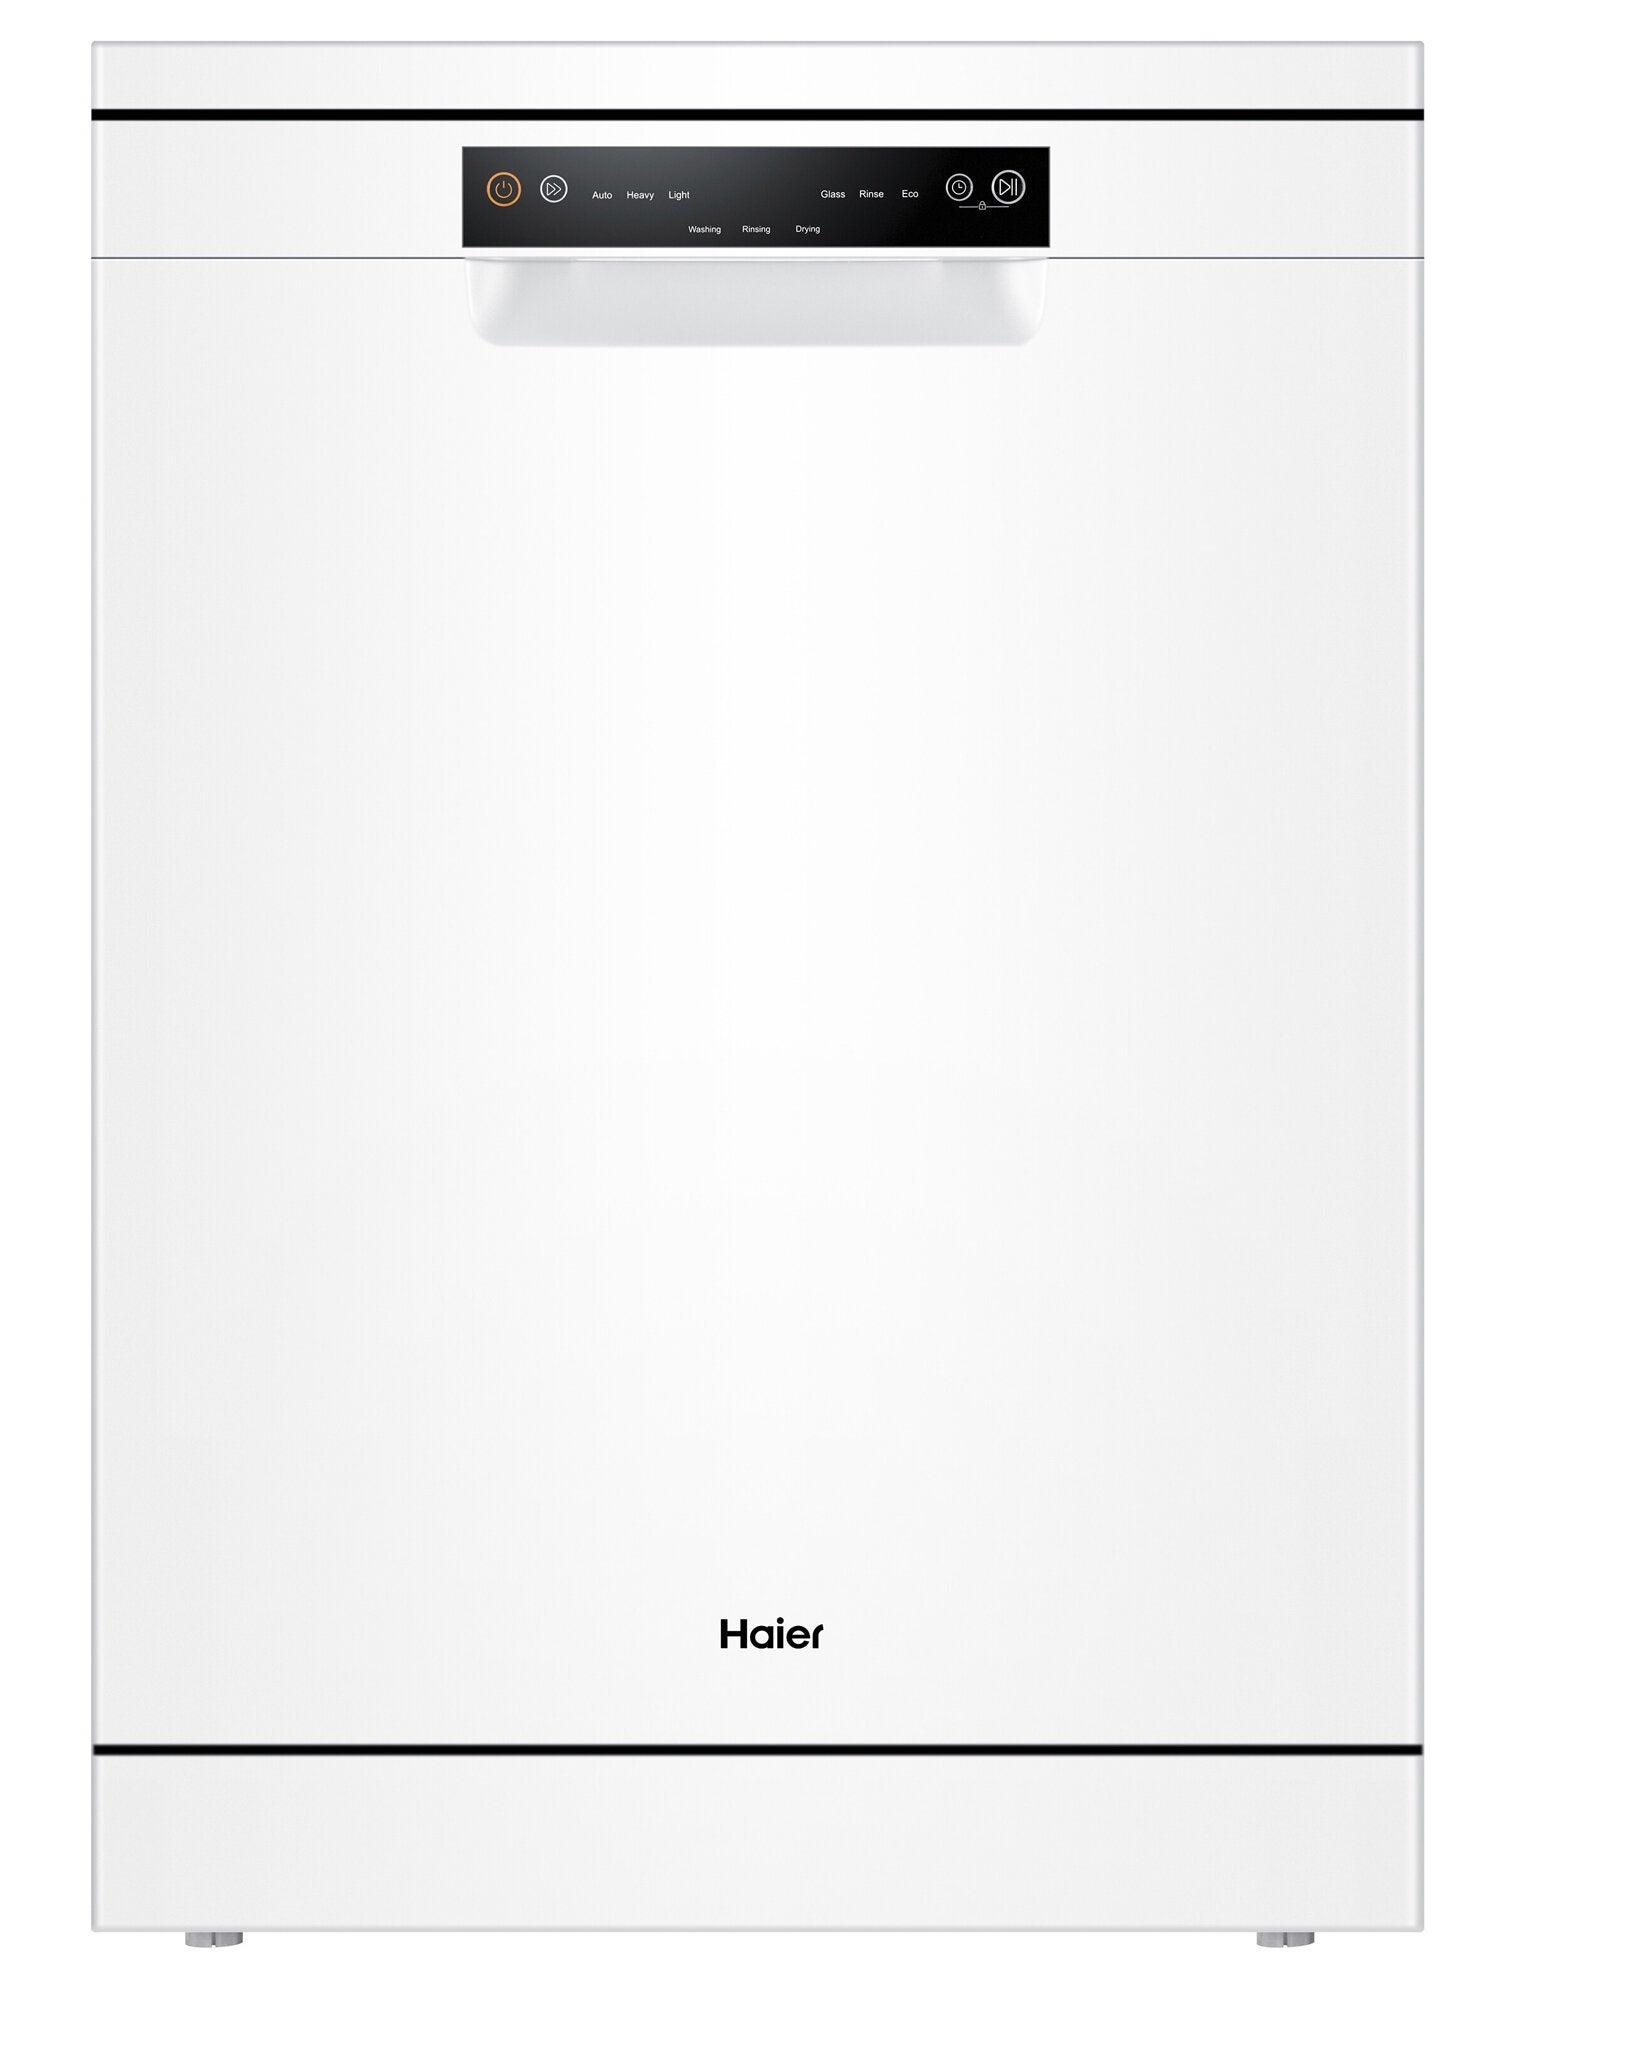 Haier HDW13V1W1 Dishwasher